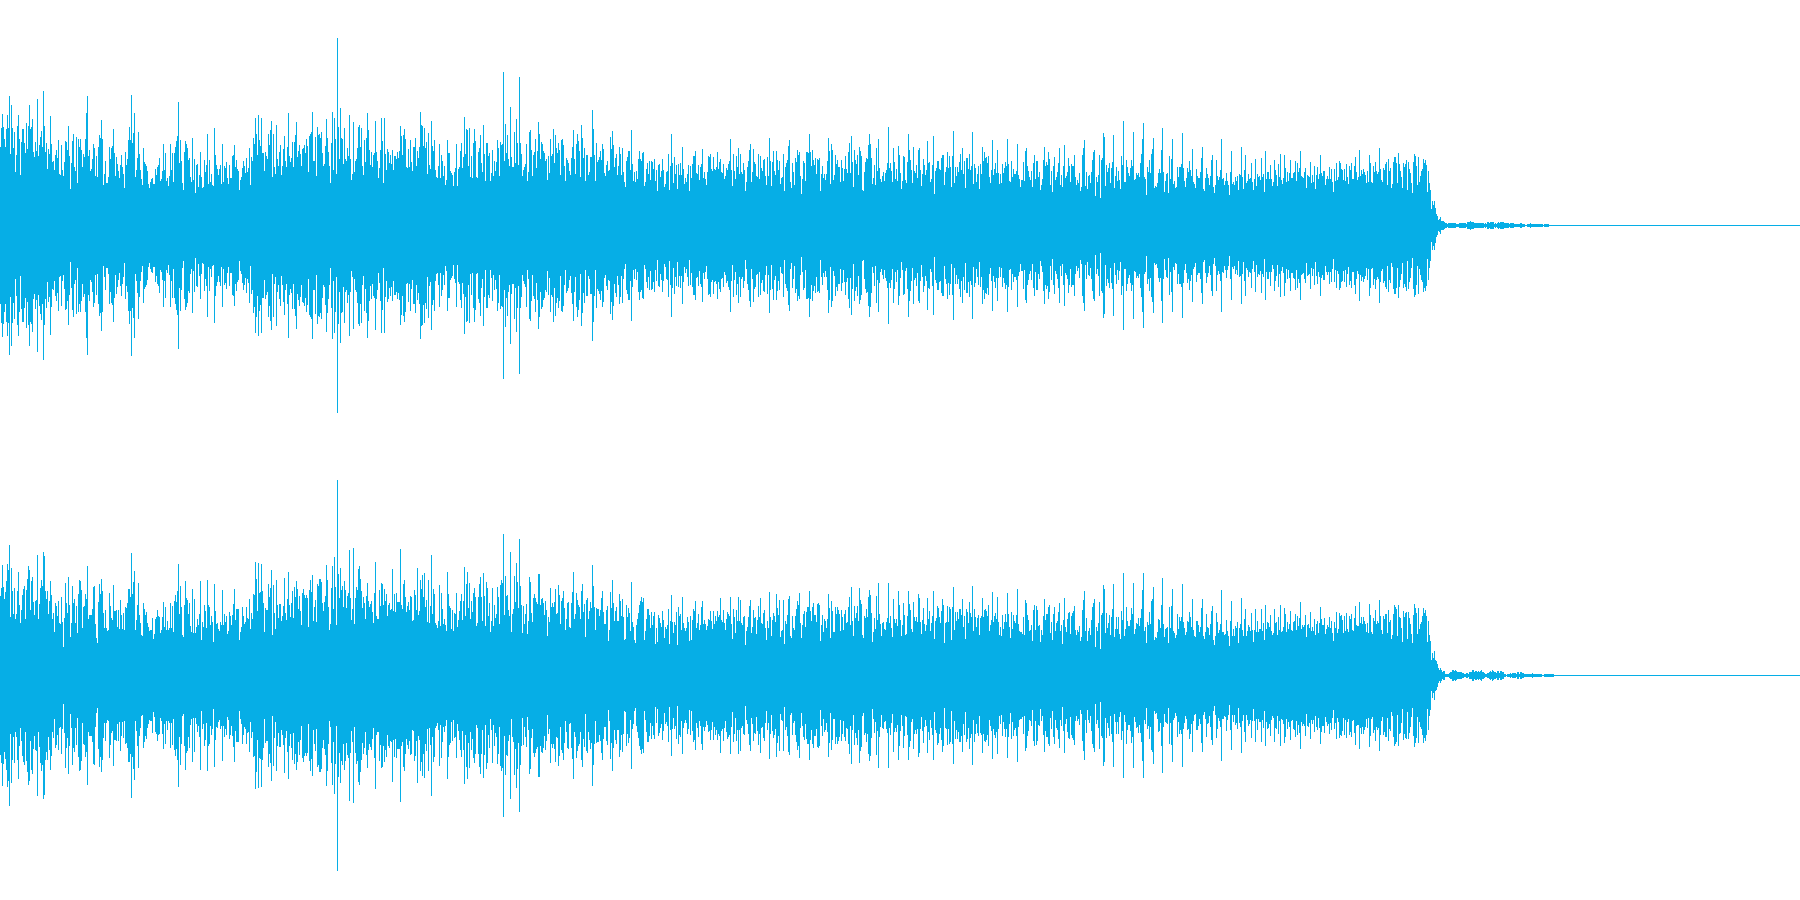 ハードロック、メタル系の場面転換の再生済みの波形